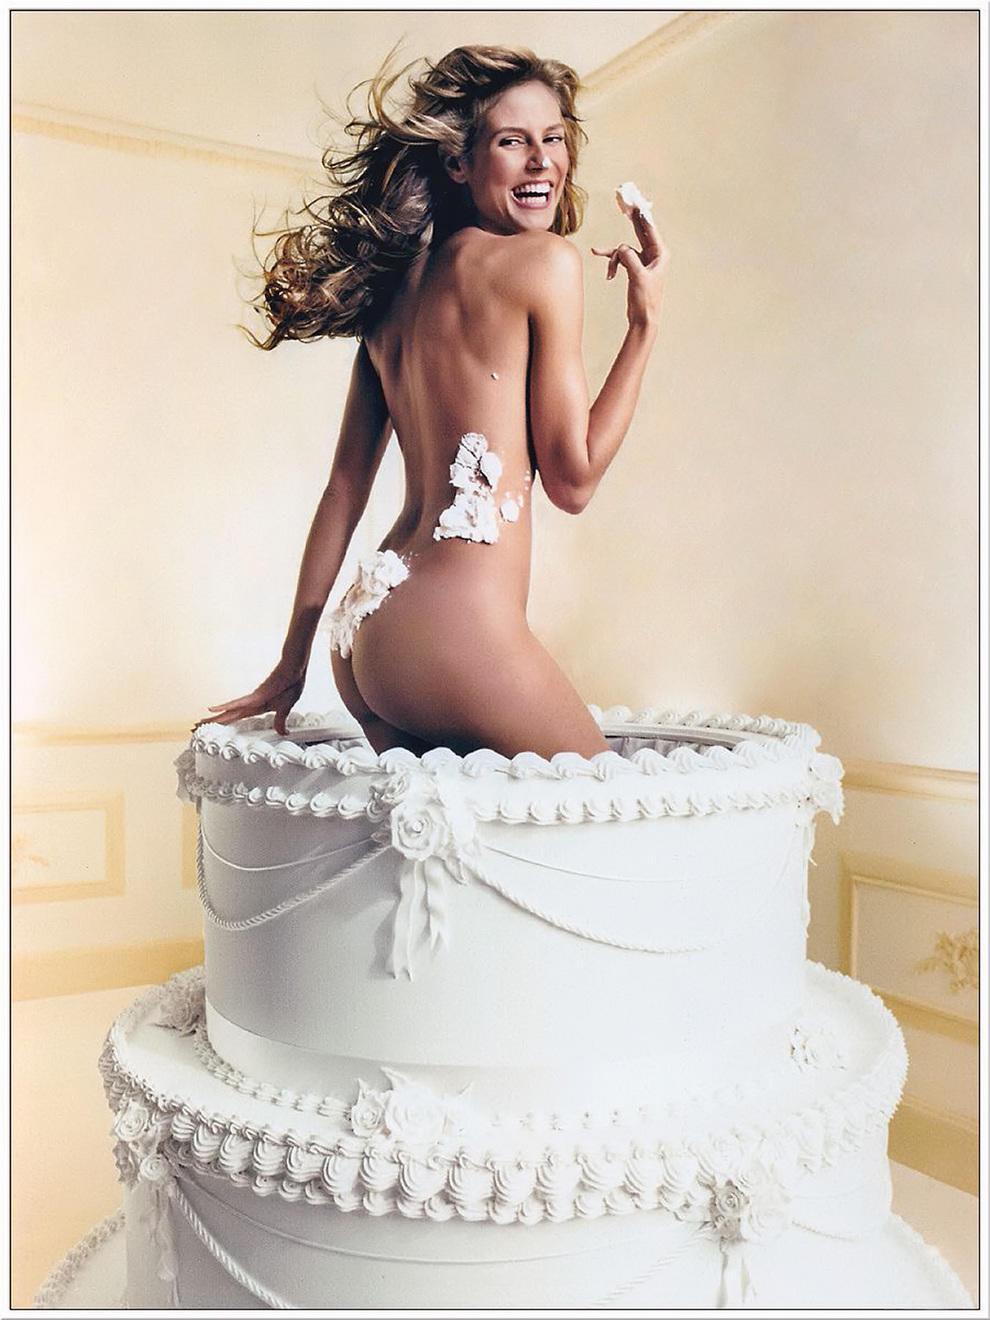 Эротическое фото поздравление с днем рождения 9 фотография